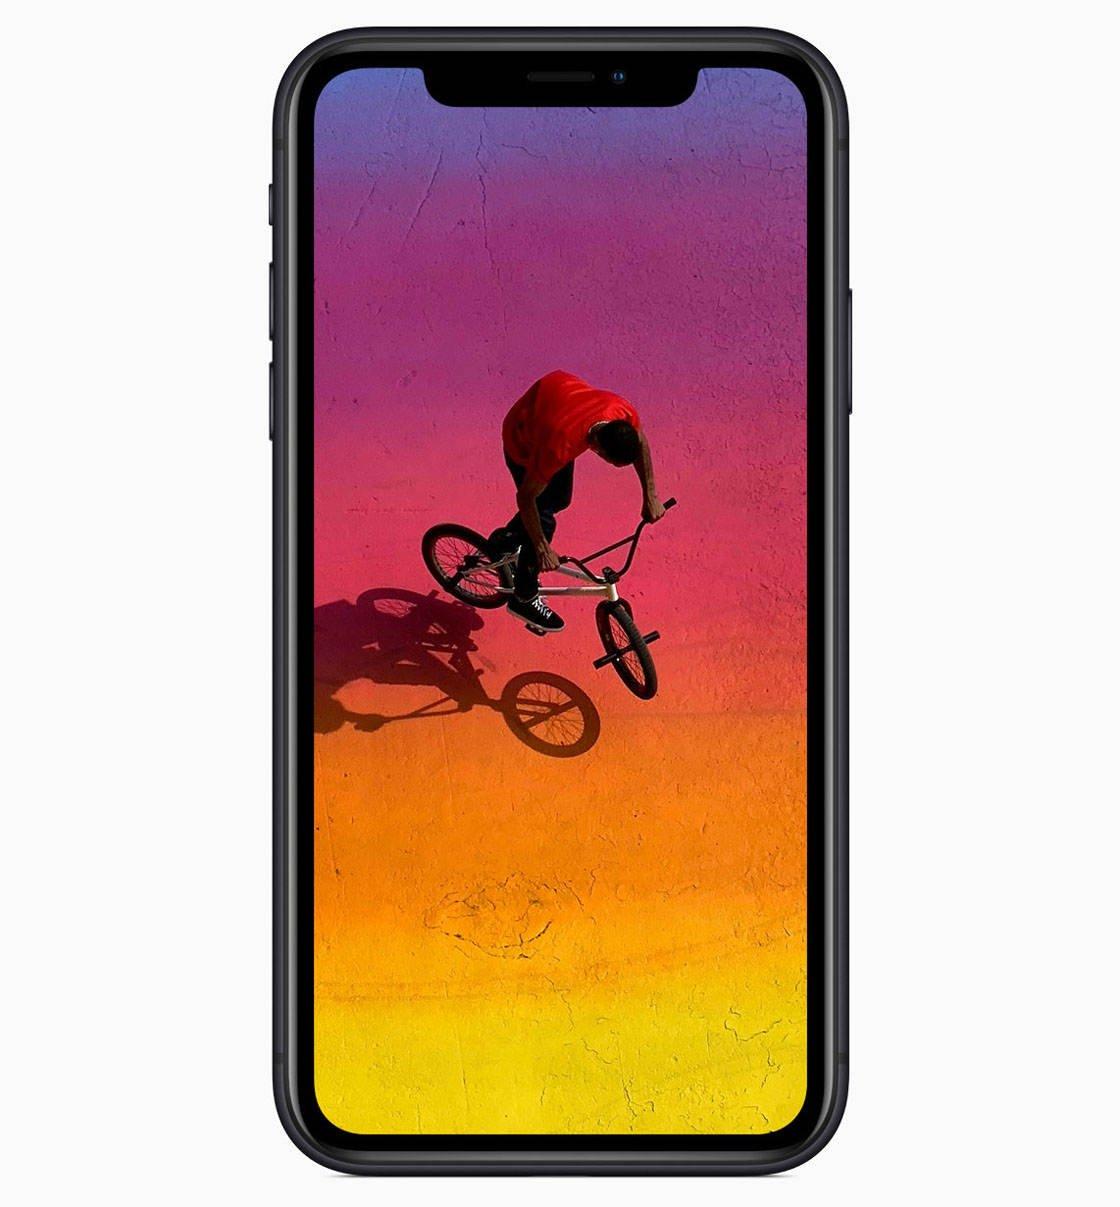 Iphone xr camera 6 no script